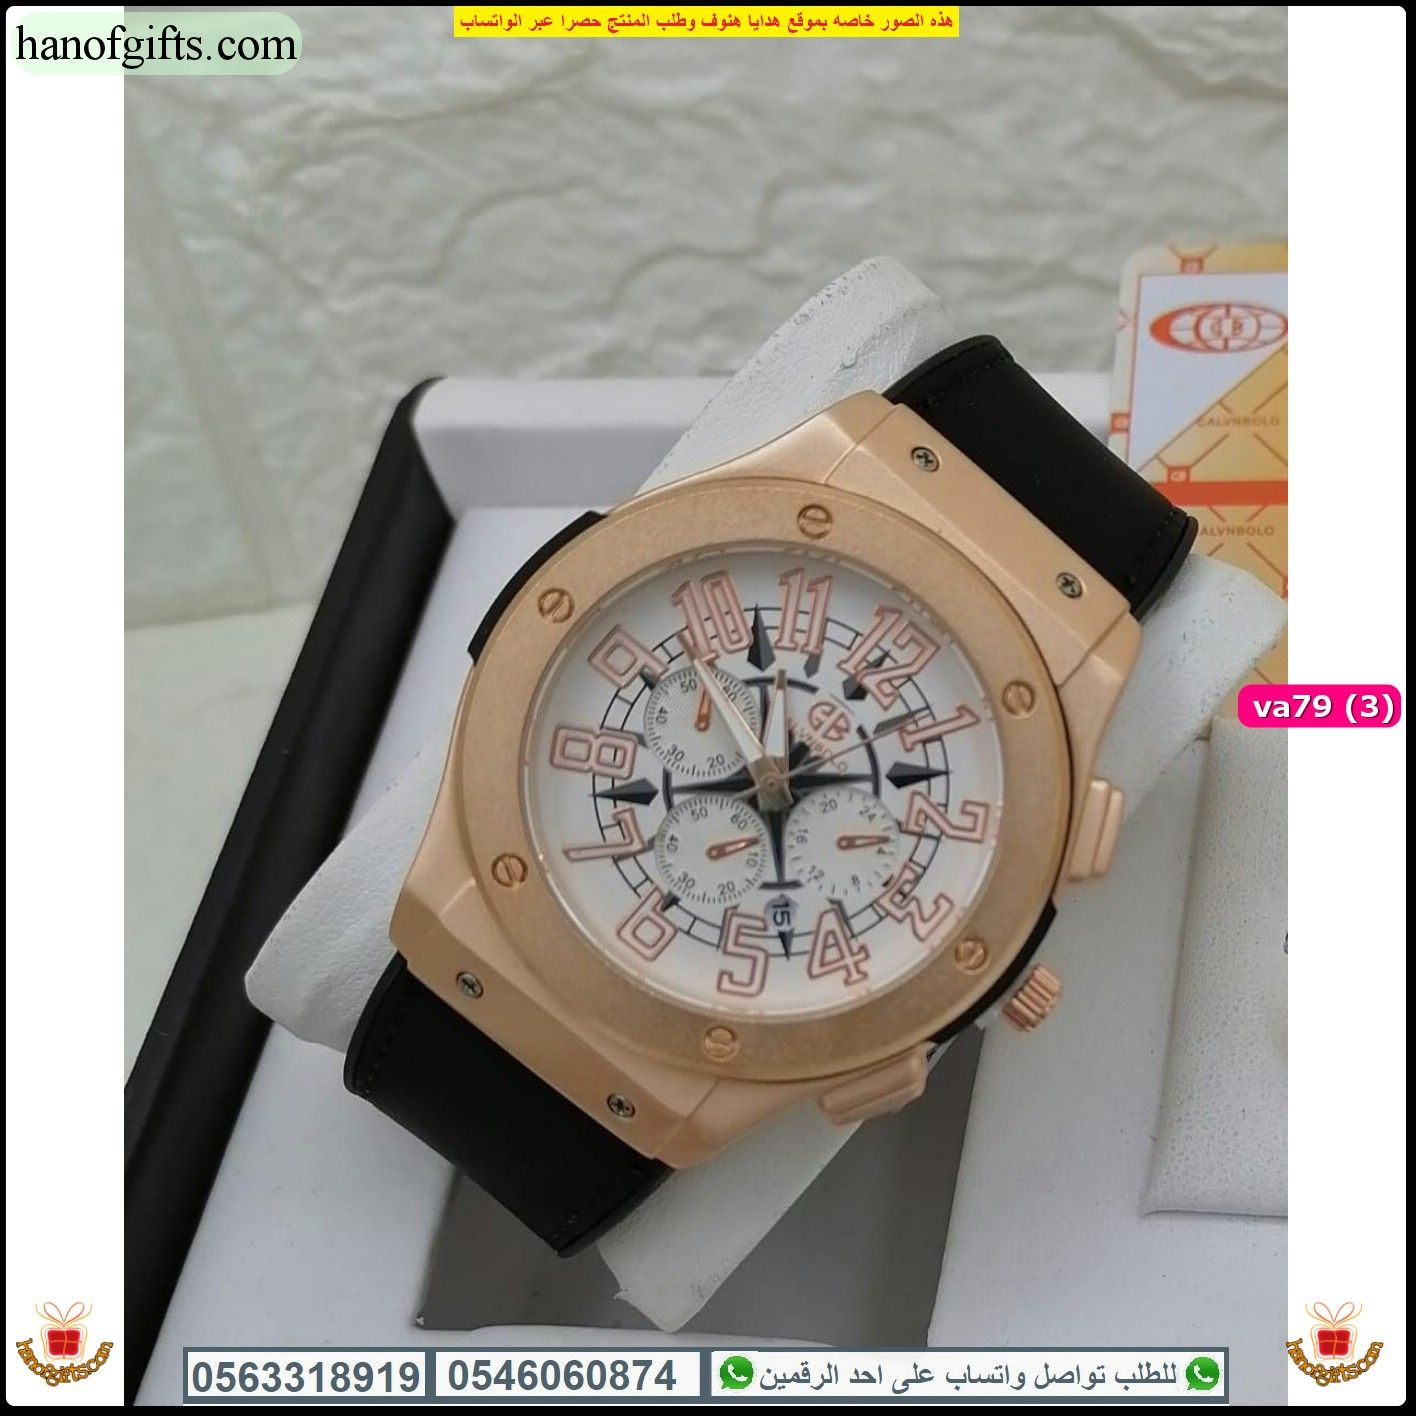 ساعات ادمر بياجيه رجاليه Audemars Piguet درجه اولى مع قلم و كبك لنفس الماركه Silver Watch Accessories Silver